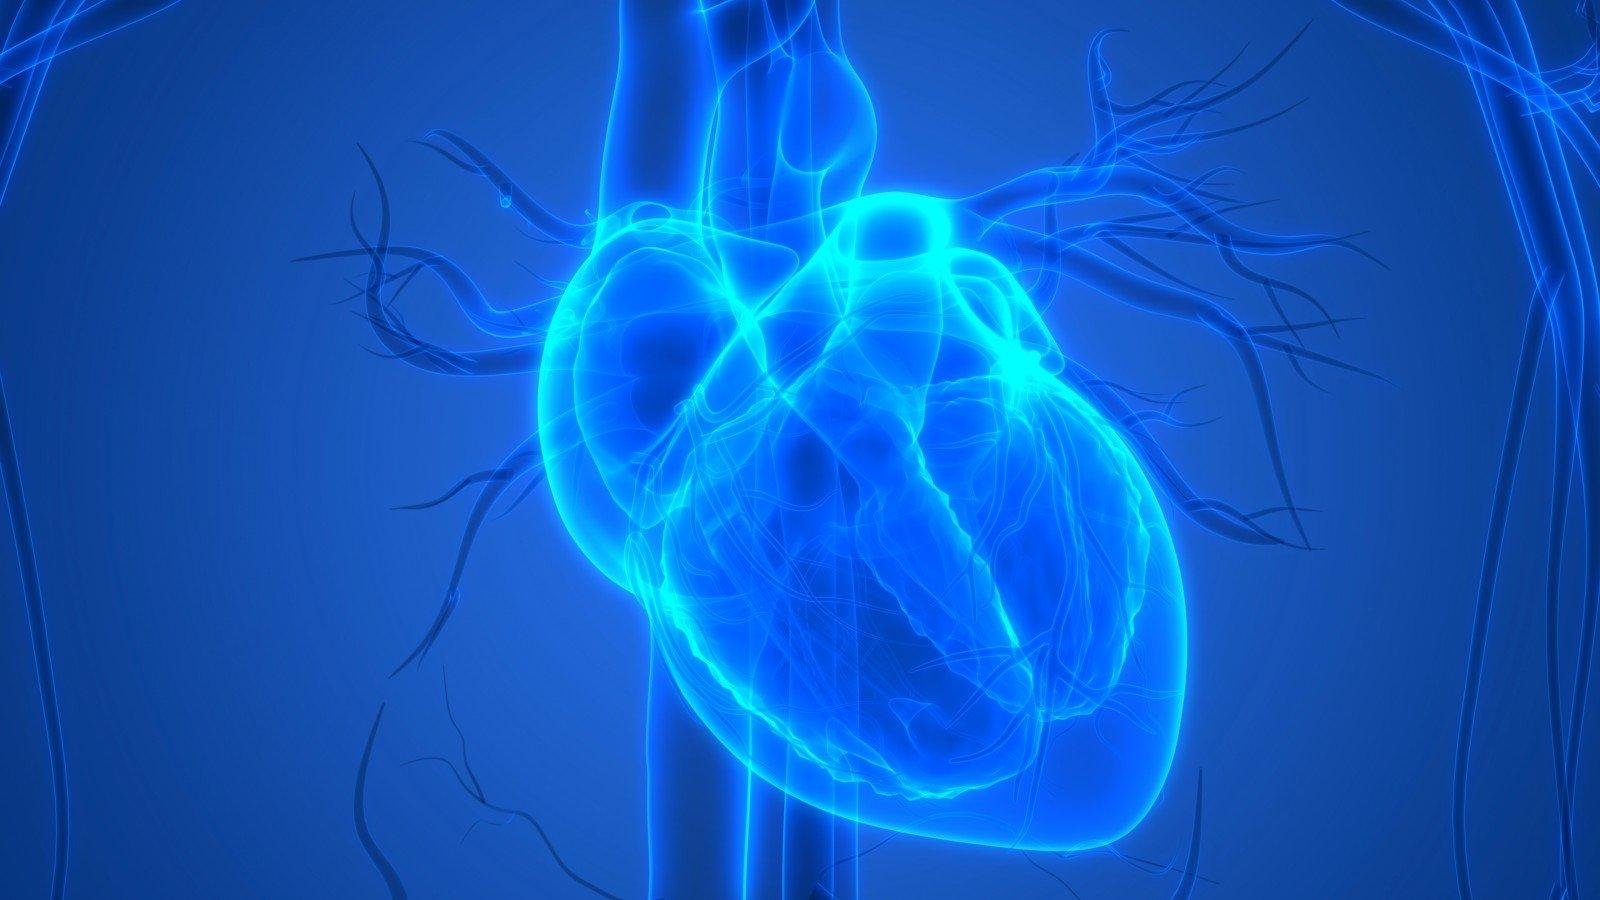 sveikata papildo širdies cirkuliacijos energijos stiprumą